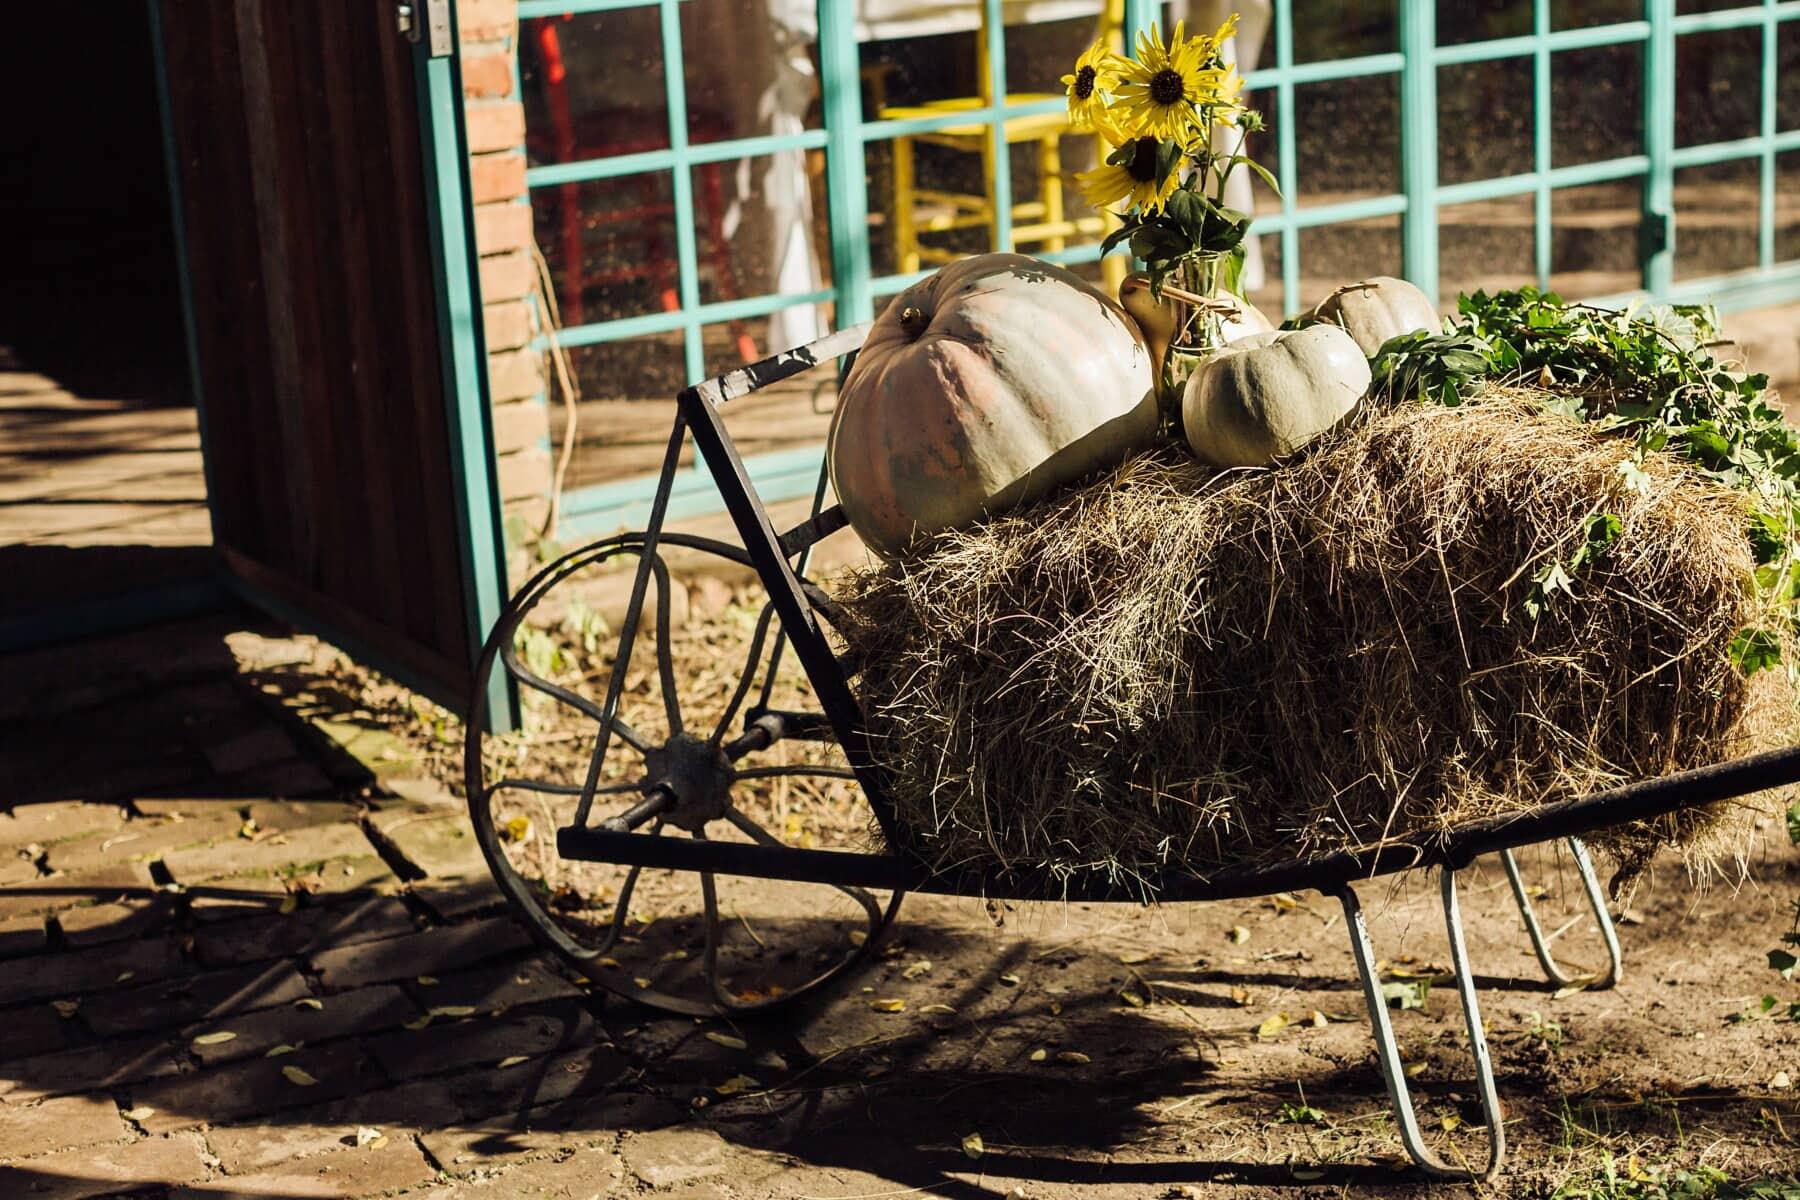 saison de l'automne, citrouille, chariot porte-sac, botte de foin, nature morte, tournesol, vintage, village, Hay, ferme